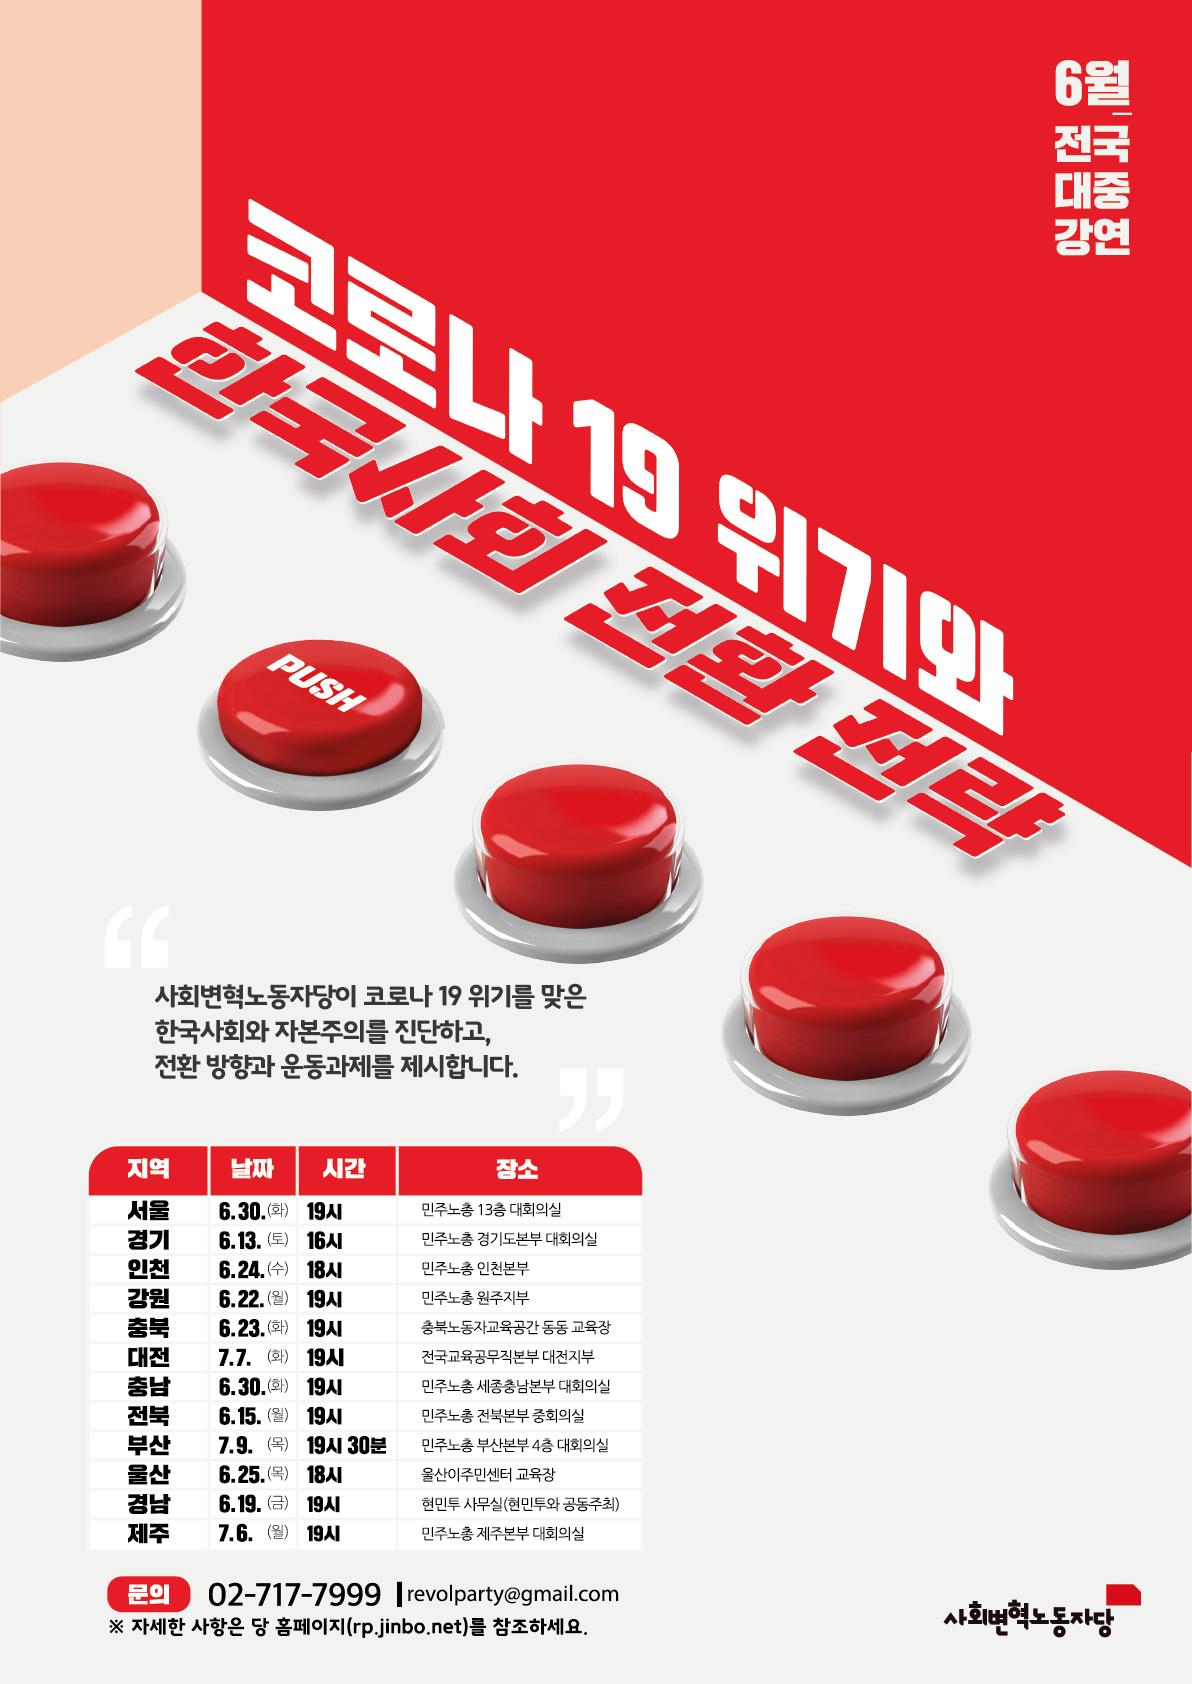 지역강연회_포스터_인쇄용_최종-02.png